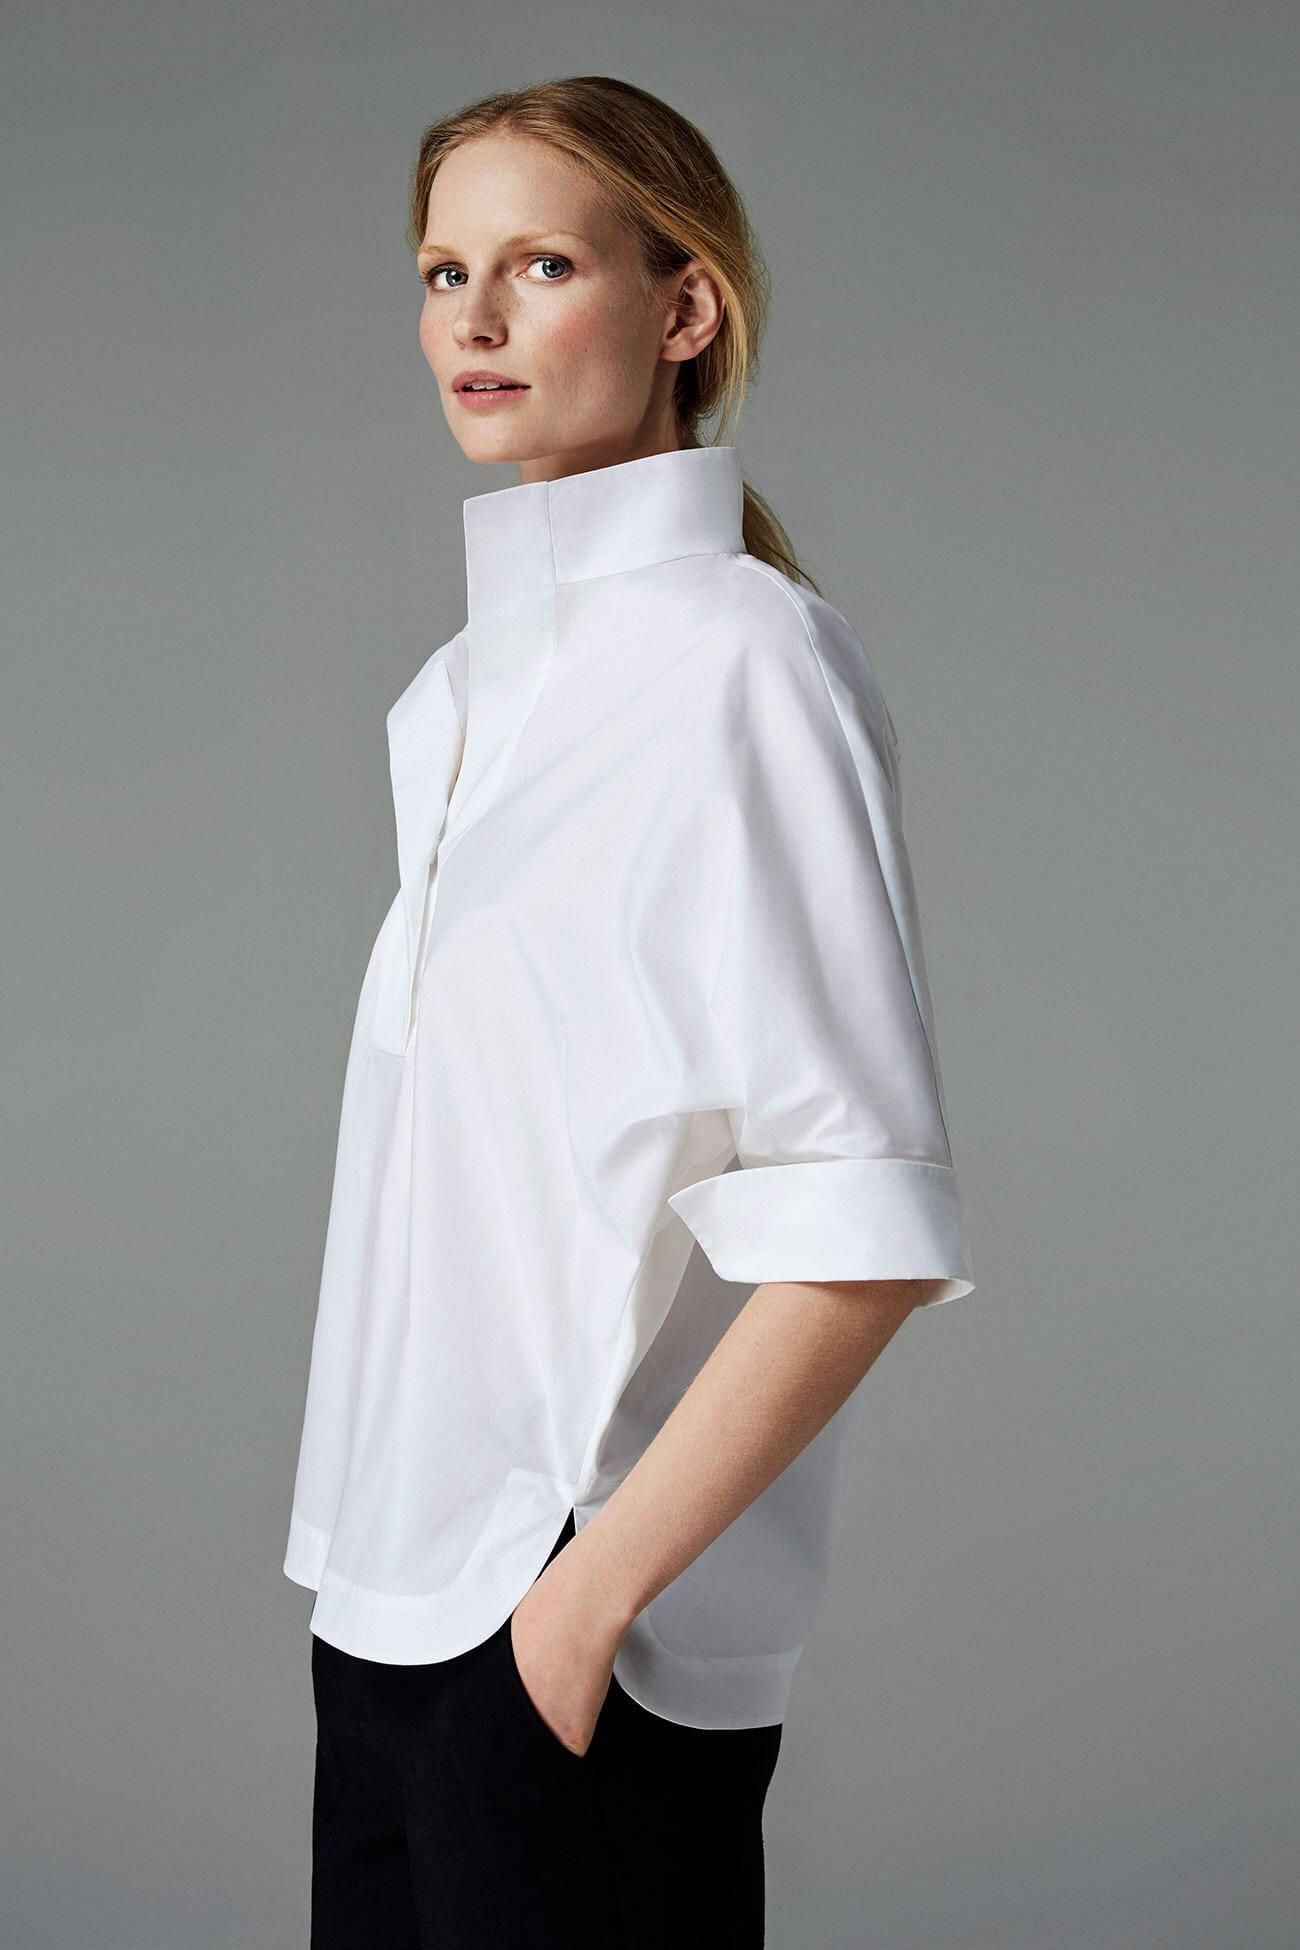 Look 97 carolina herrera for White shirt for ladies